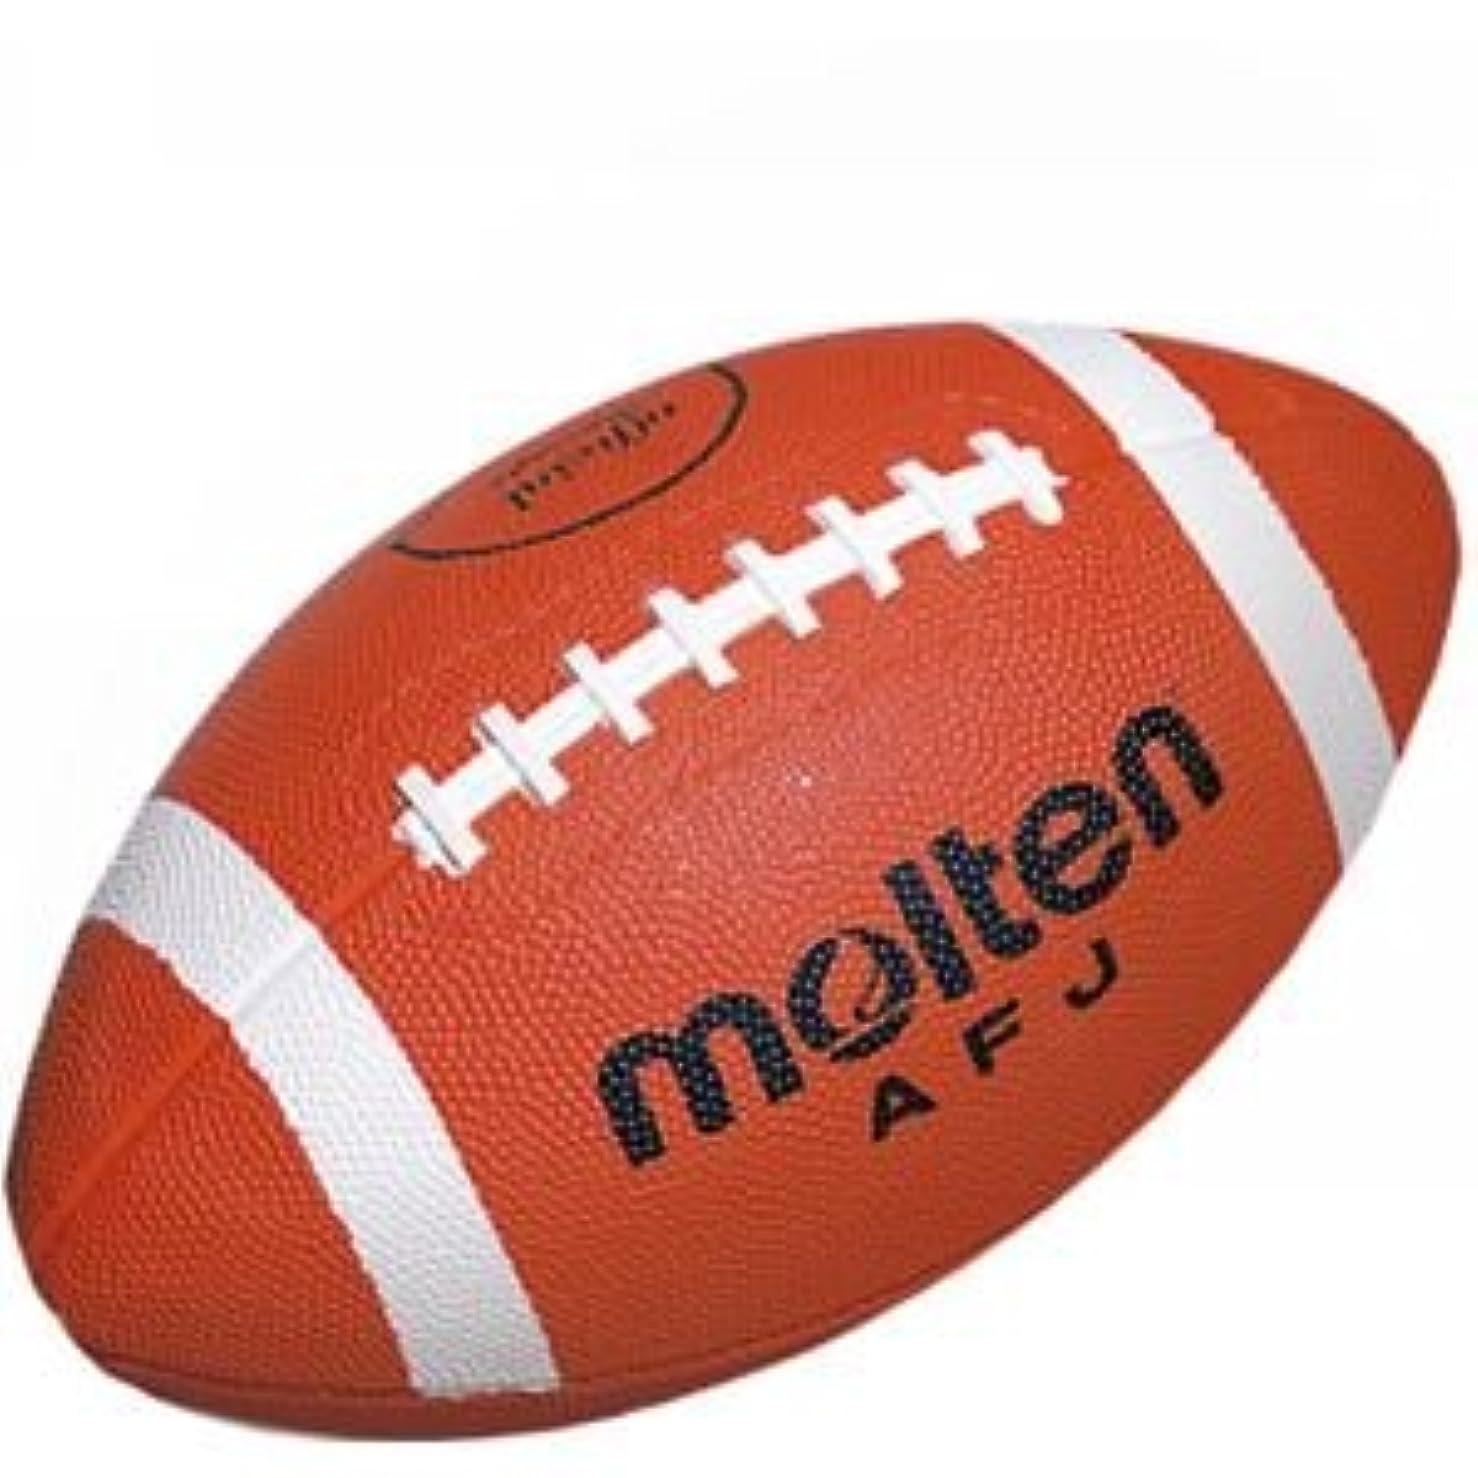 汚物ハイジャック言い訳molten(モルテン) アメリカンフットボール AFJ